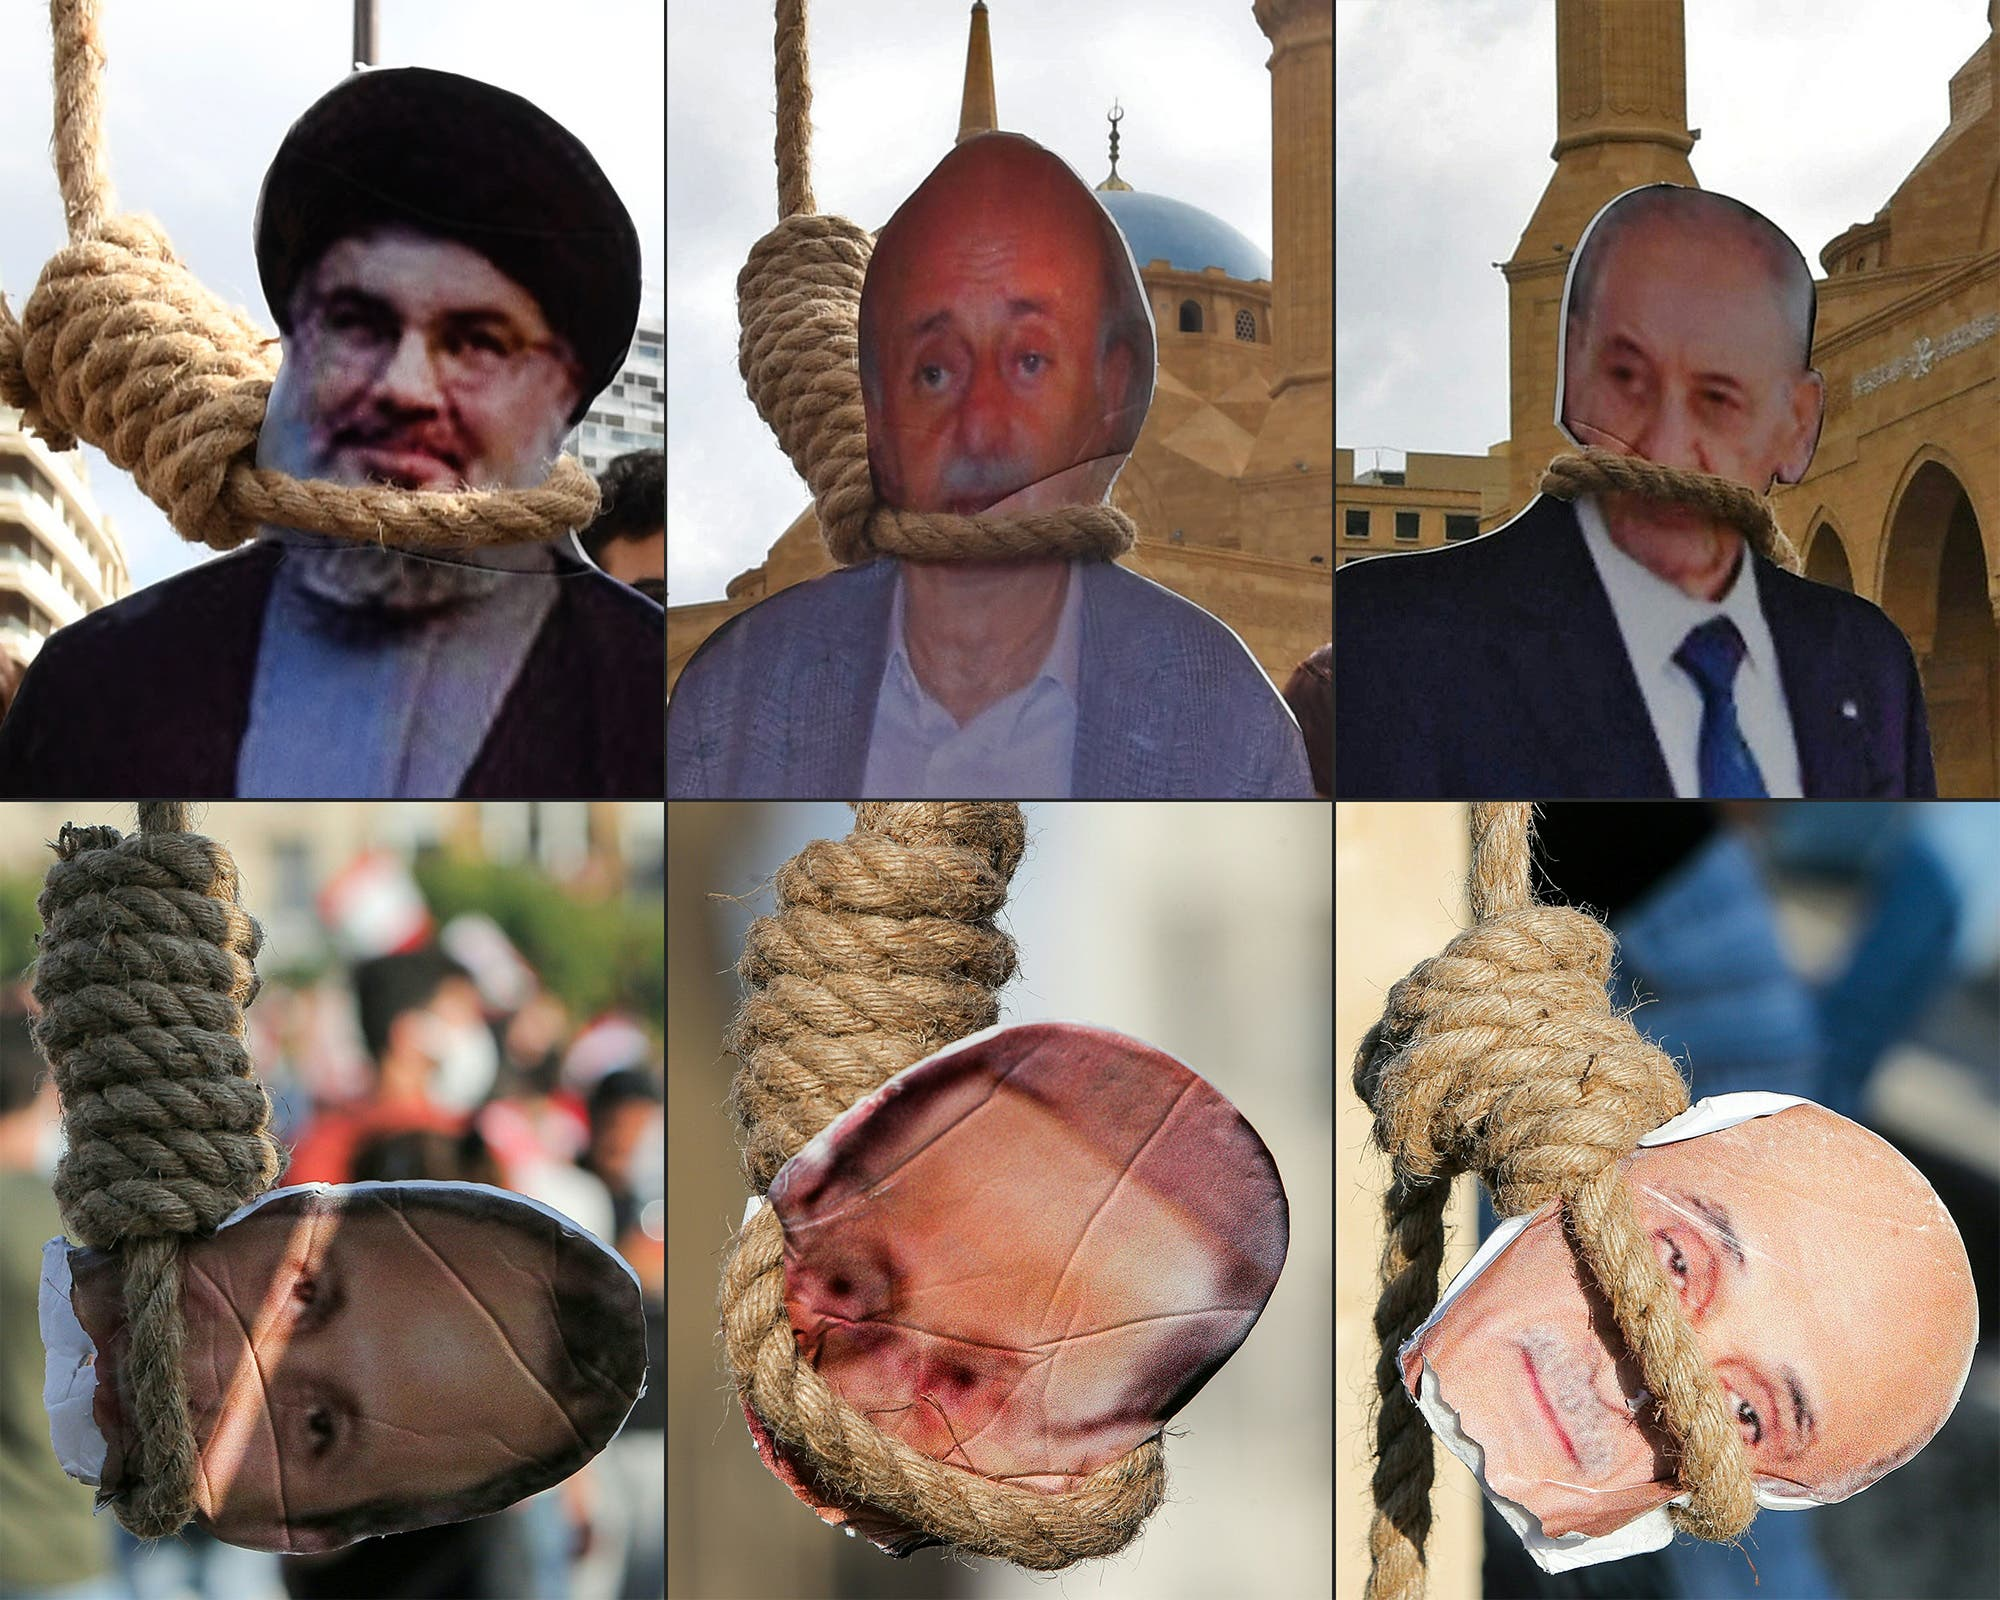 صور لسياسيين لبنانيين على حبال المشانق ومن بينهم باسيل رفعت من قبل متظاهرين (أرشيفية- فرانس برس)